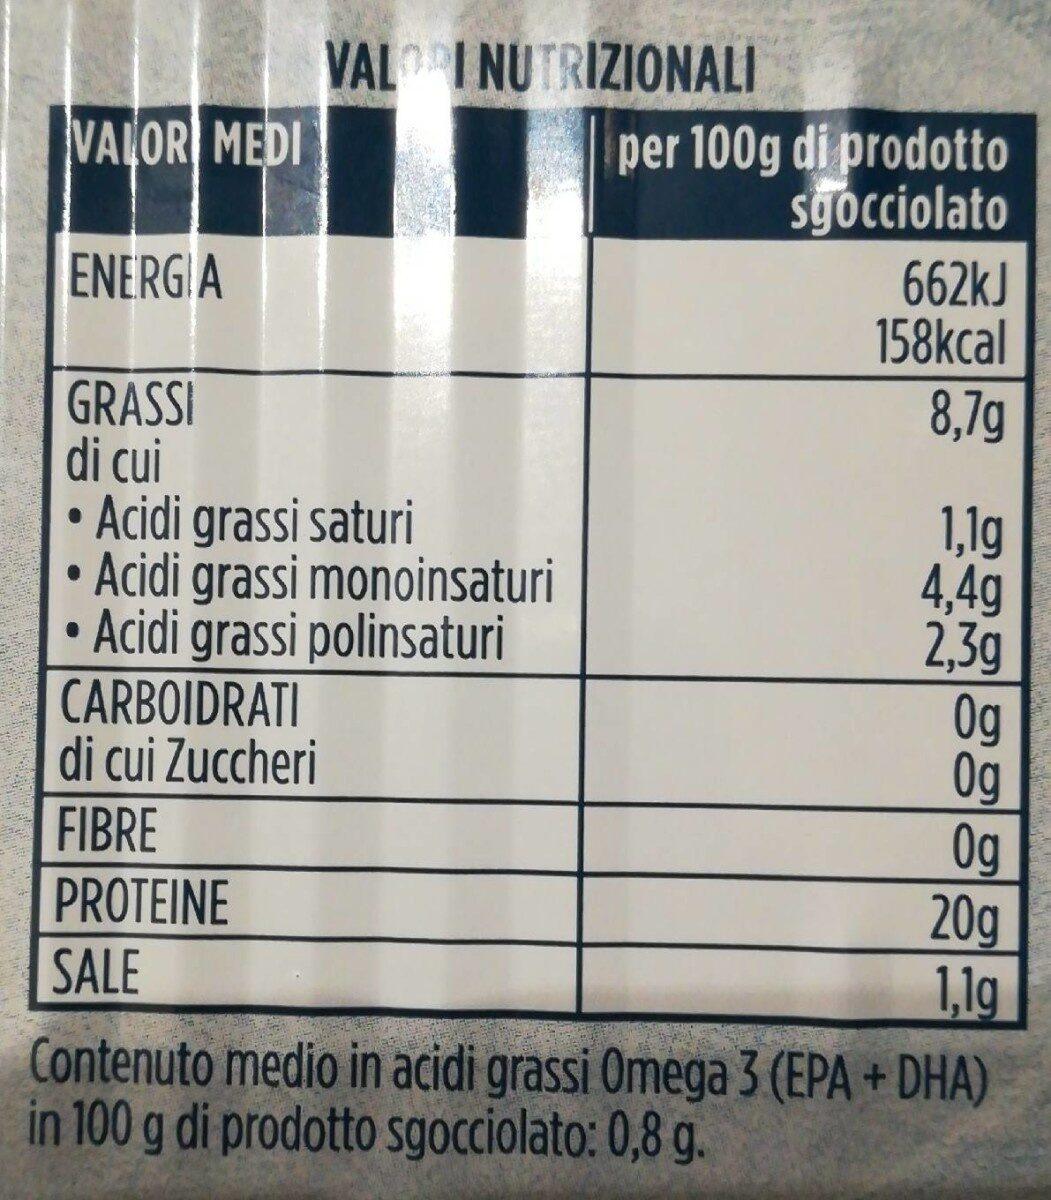 Filetto di salmone al naturale - Informations nutritionnelles - it